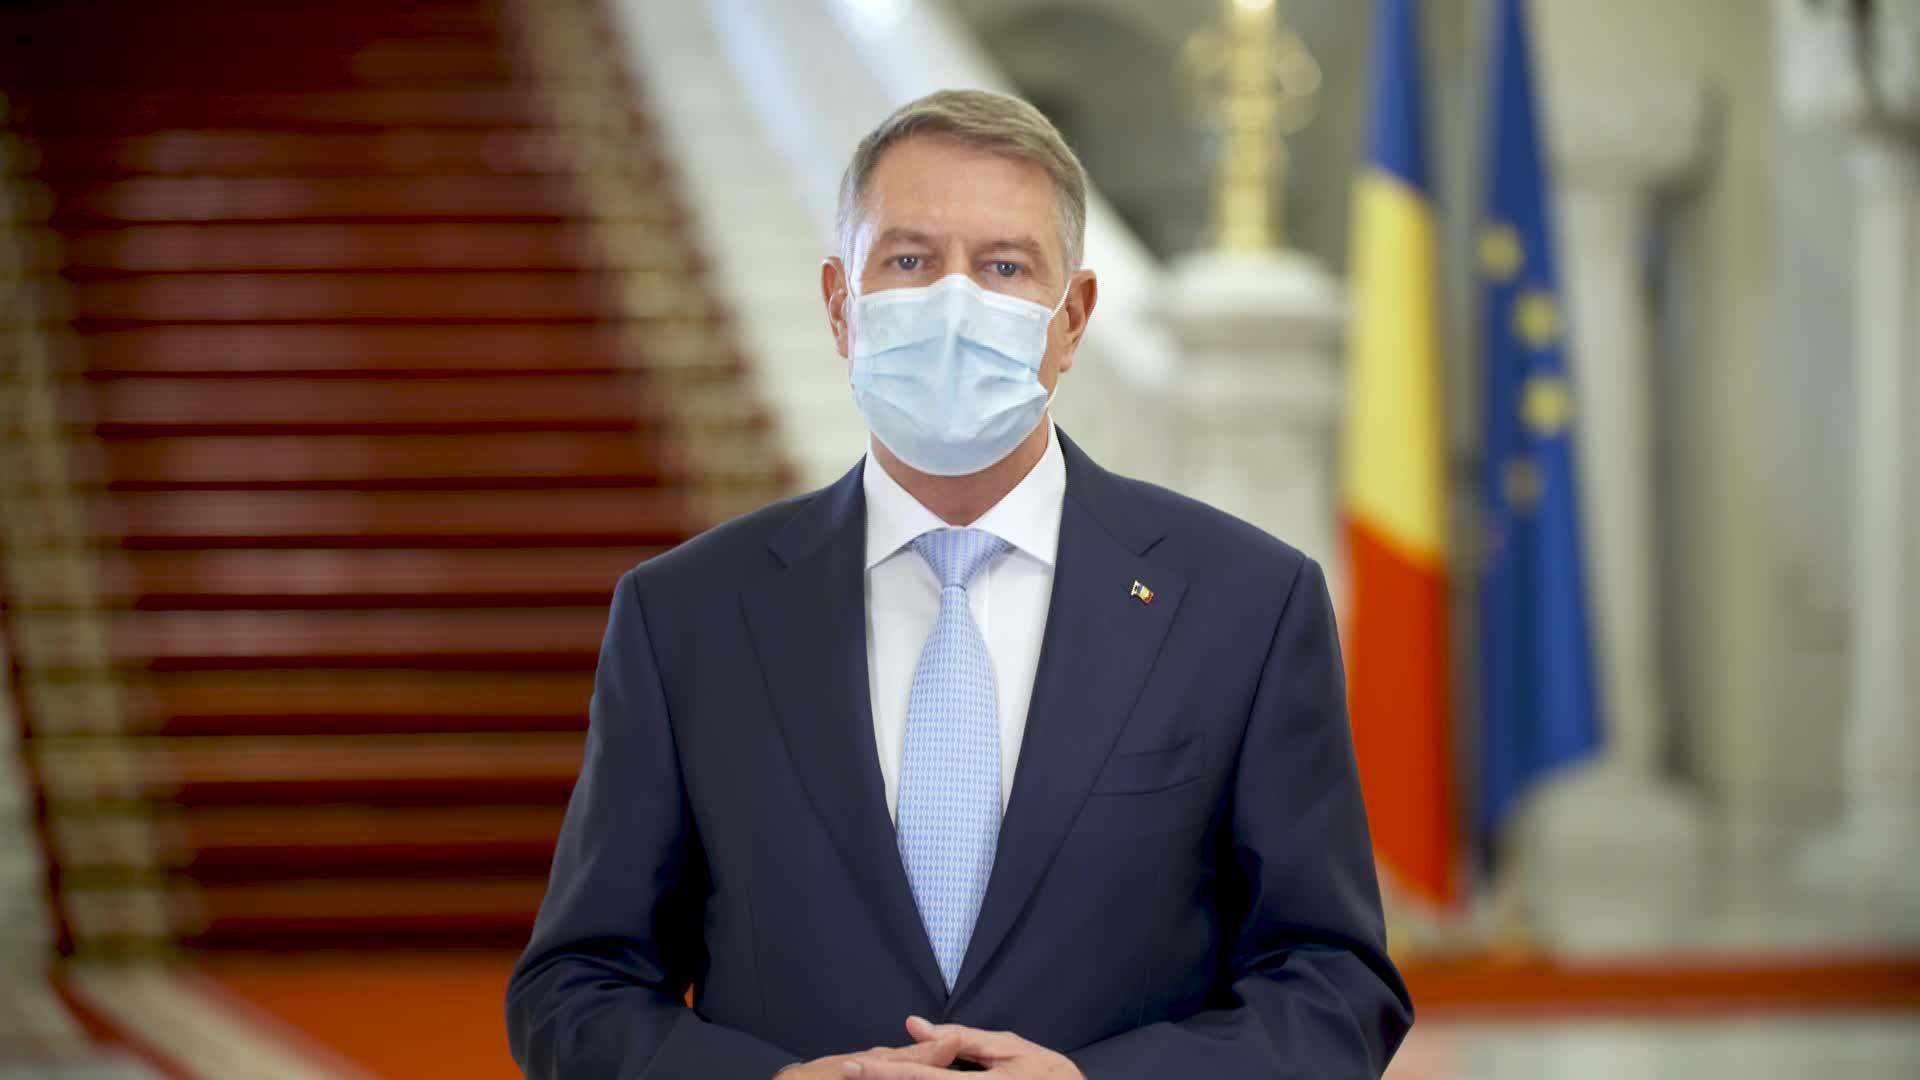 Klaus Iohannis: Le cer guvernanților mai puține dispute și mai mult dialog. Suntem tot mai aproape de normalitate